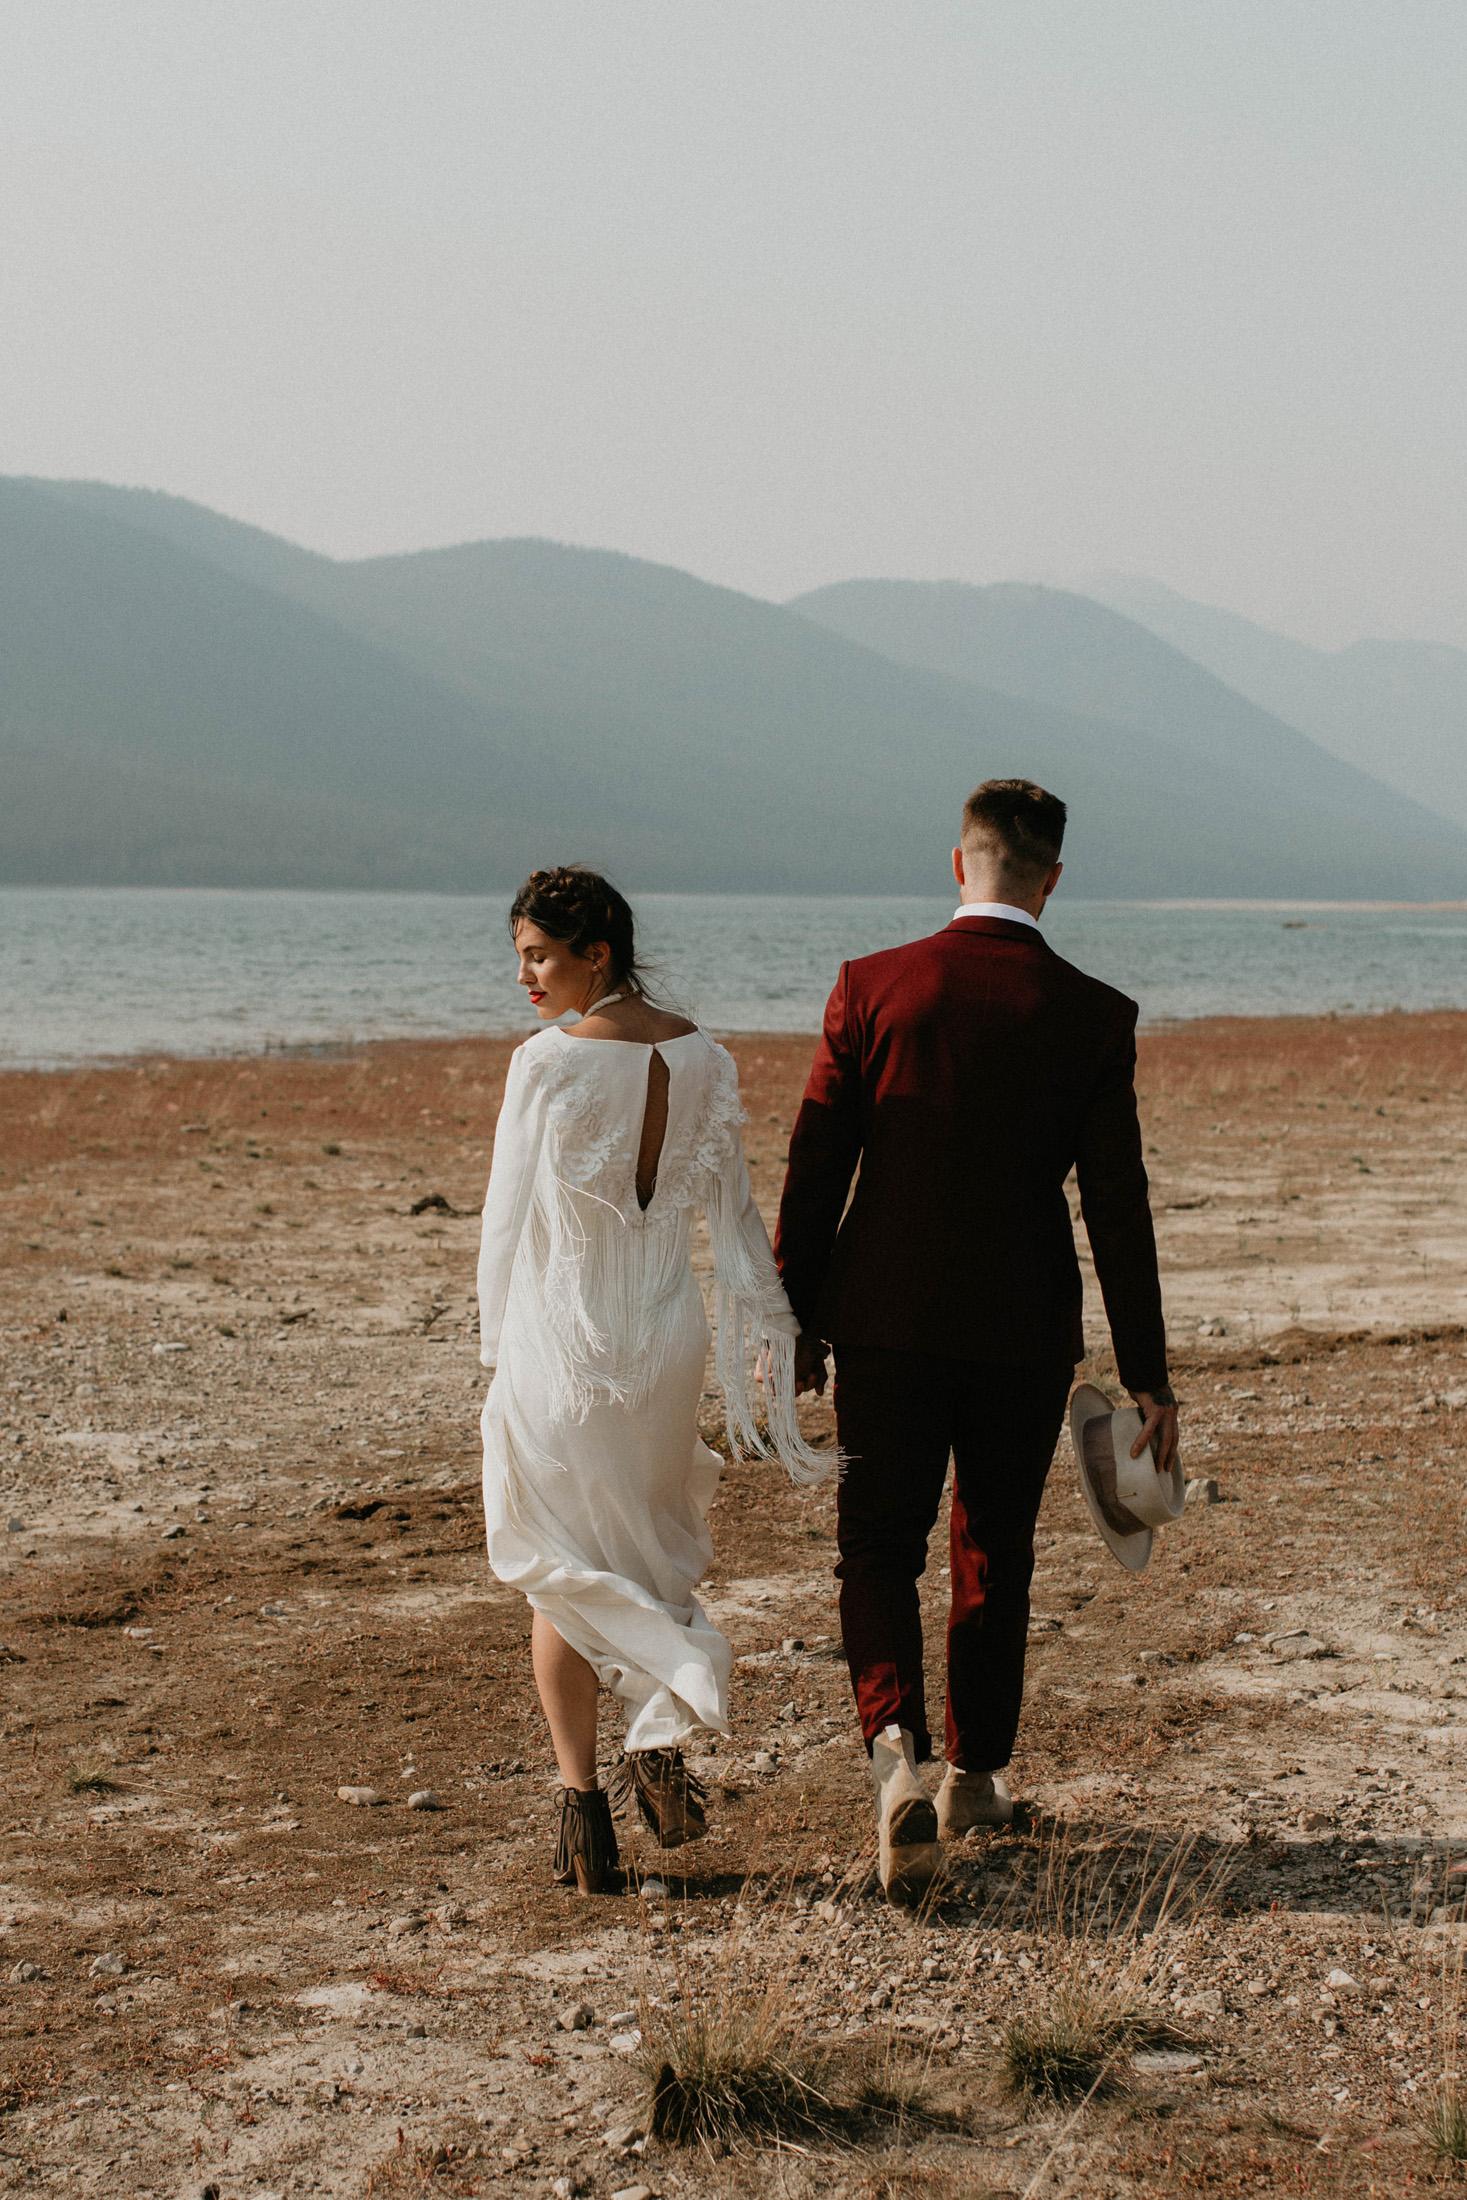 banff-elopement-photography-002.jpg